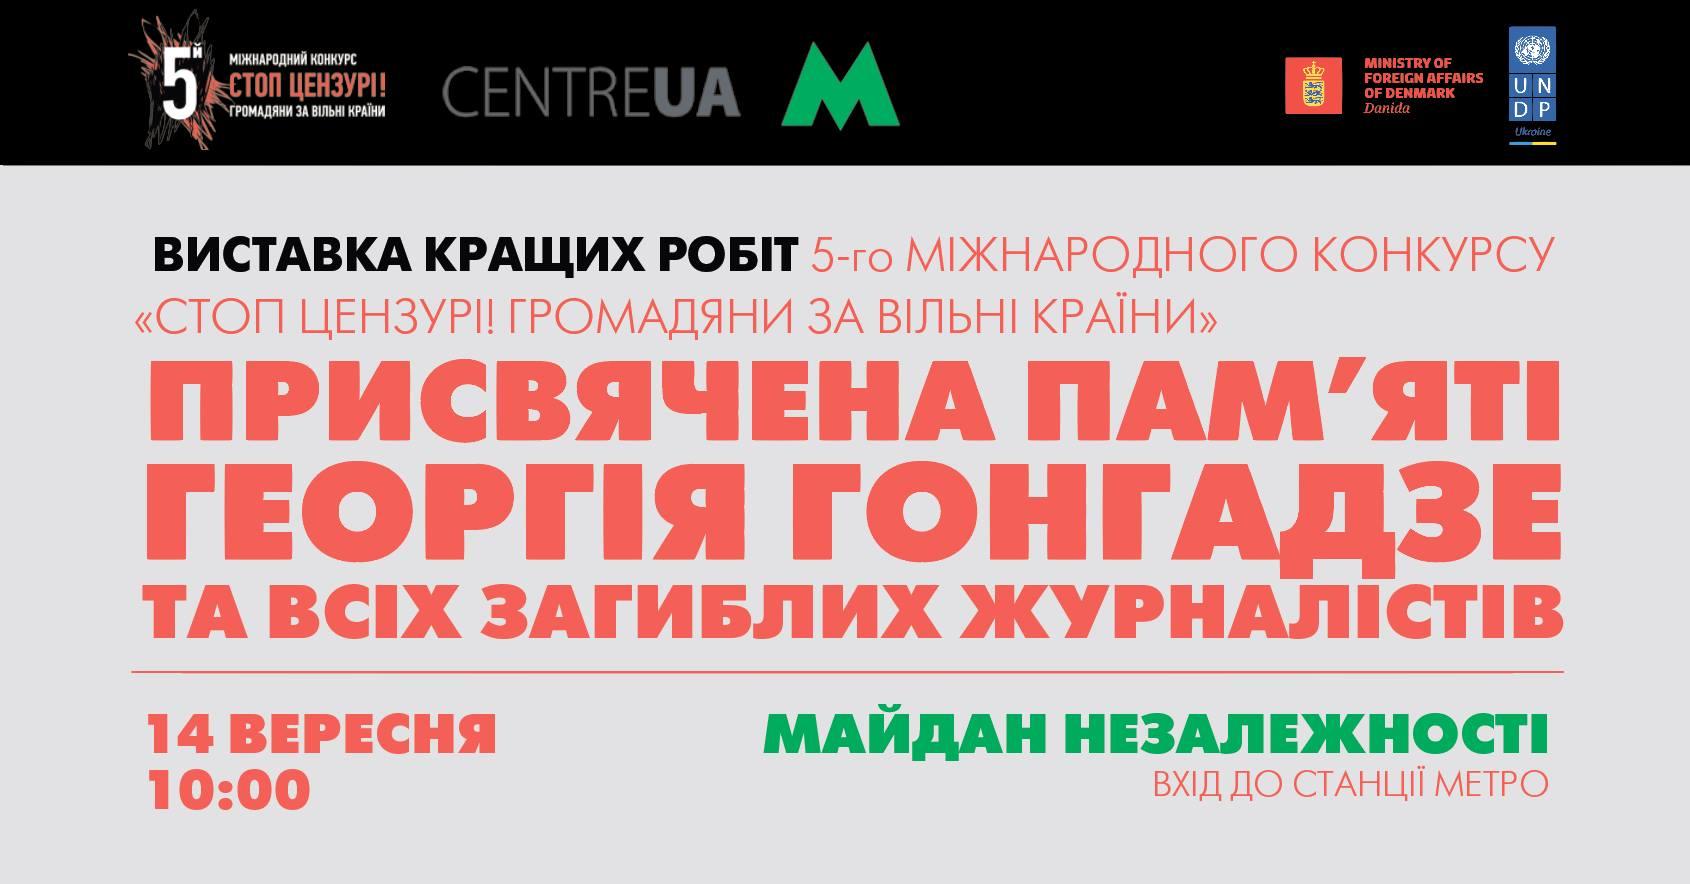 У метрополітені відкриють виставку «Стоп цензурі! Громадяни за вільні країни»